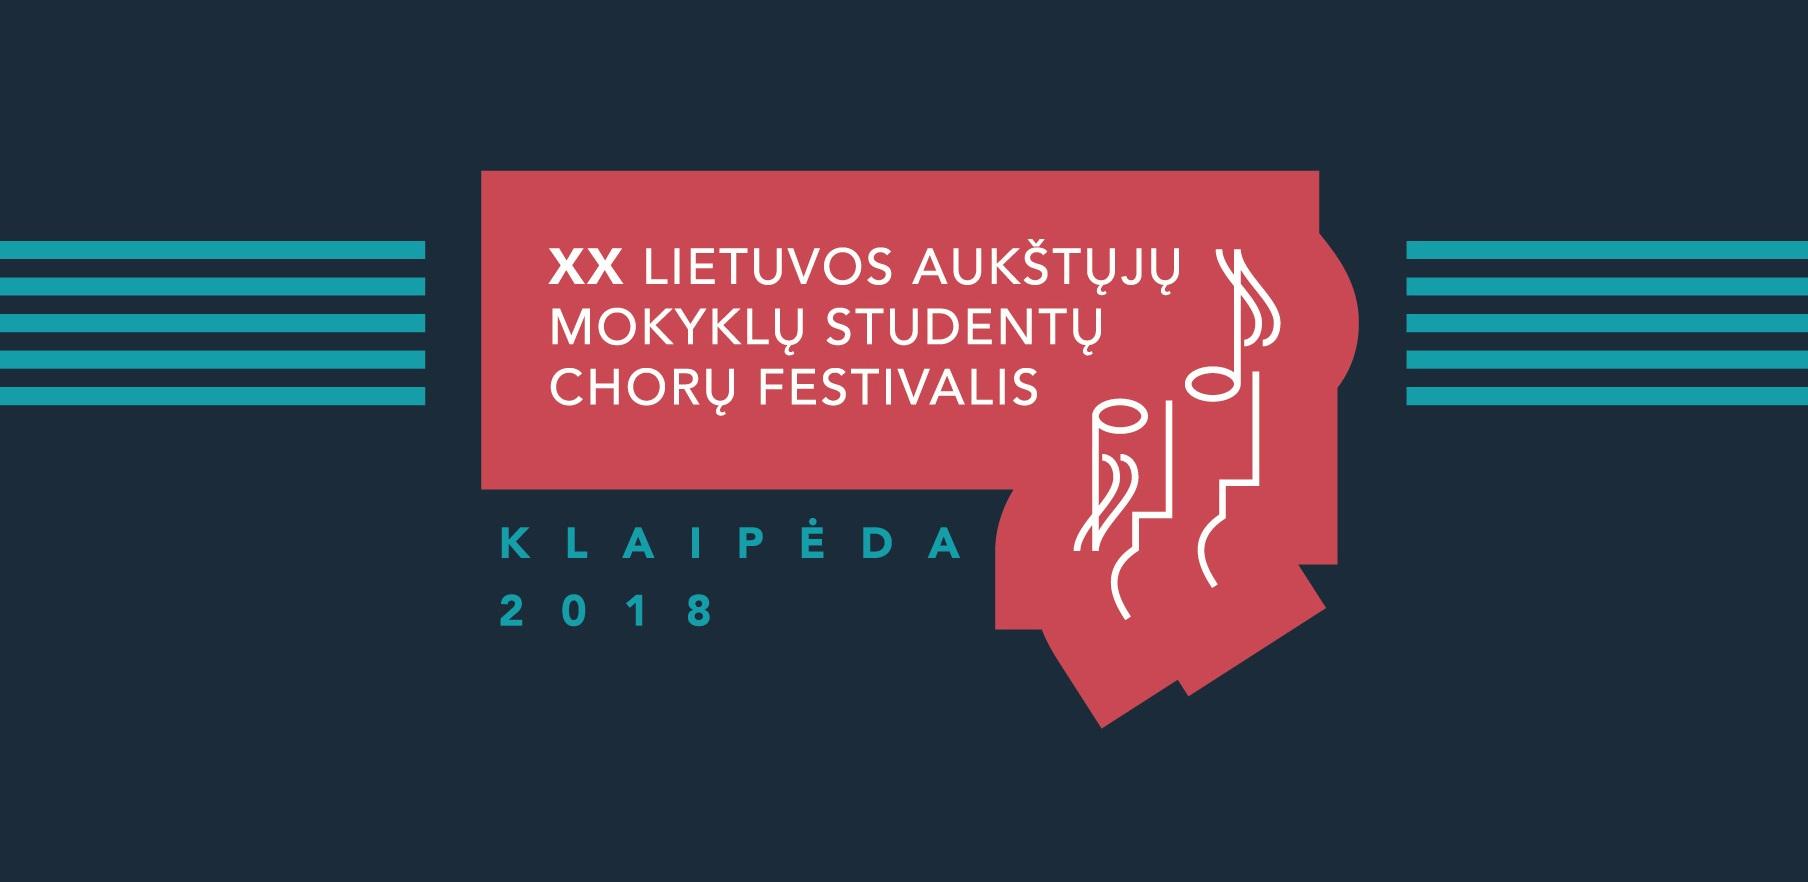 XX-oji Lietuvos aukštųjų mokyklų studentų chorų šventė | Rengėjų nuotr.